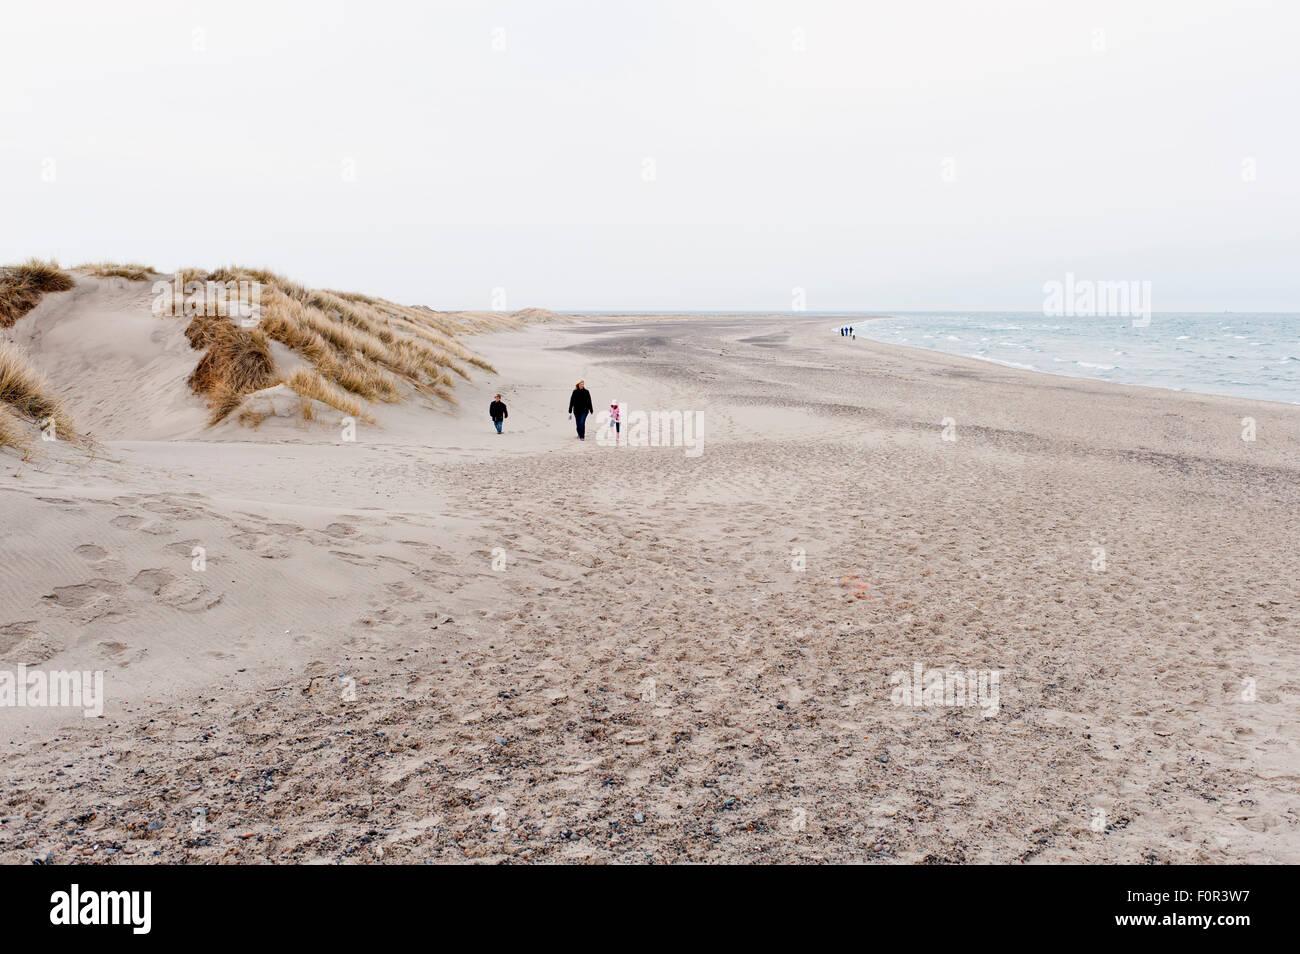 Walking the beach of Skagen, Denmark - Stock Image